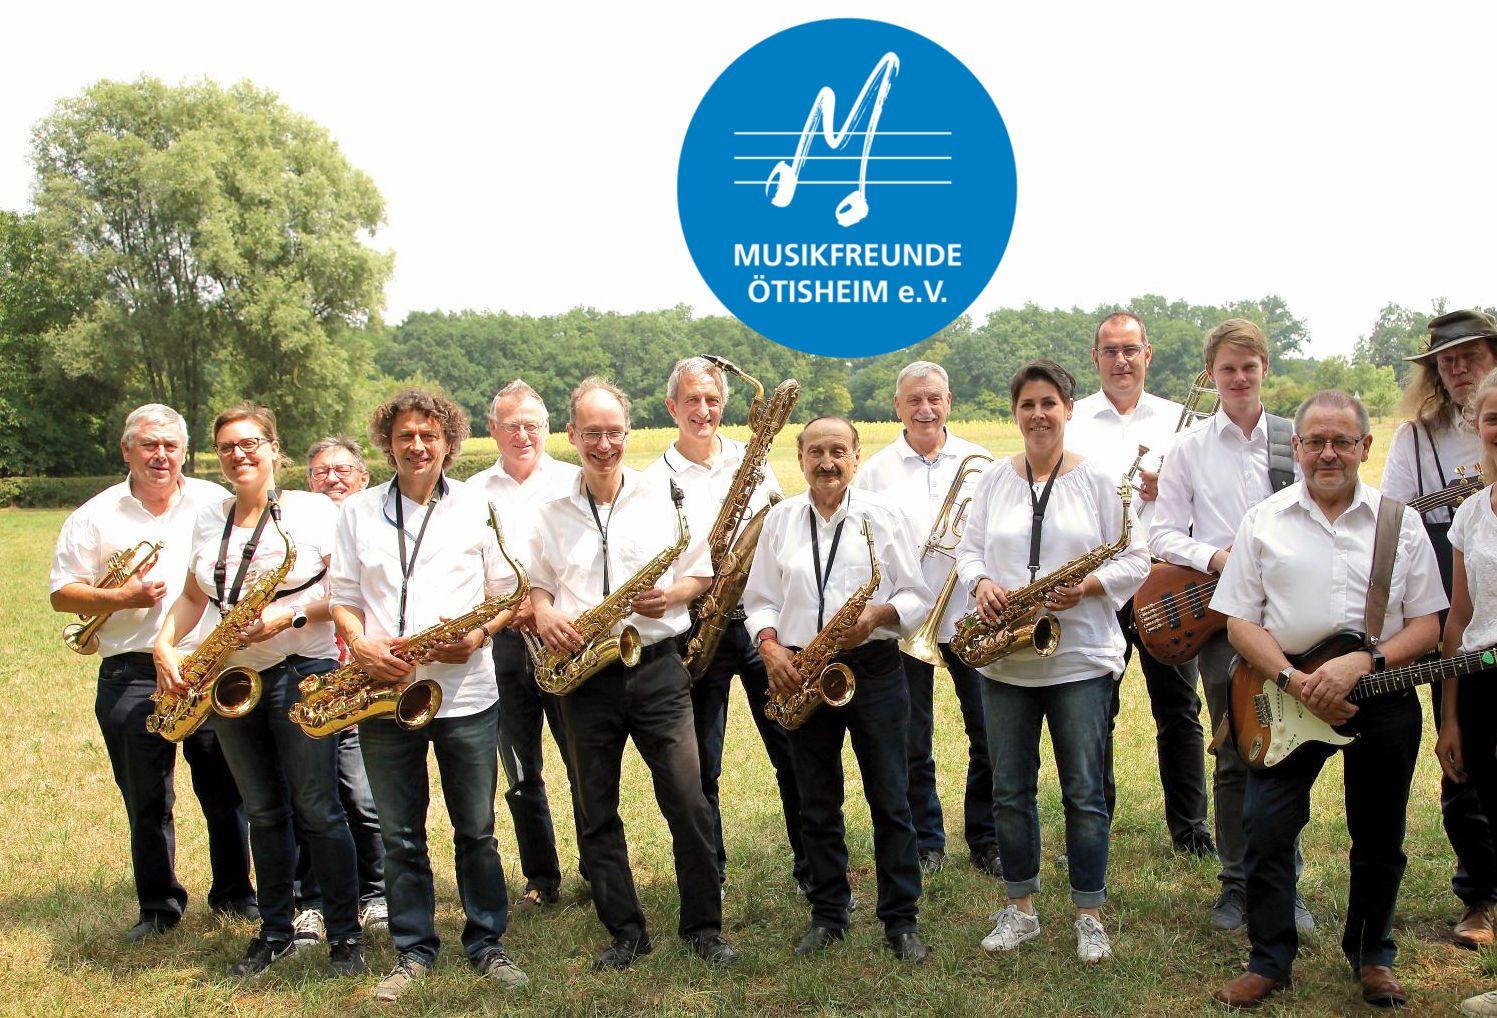 Musikfreunde Ötisheim e.V.